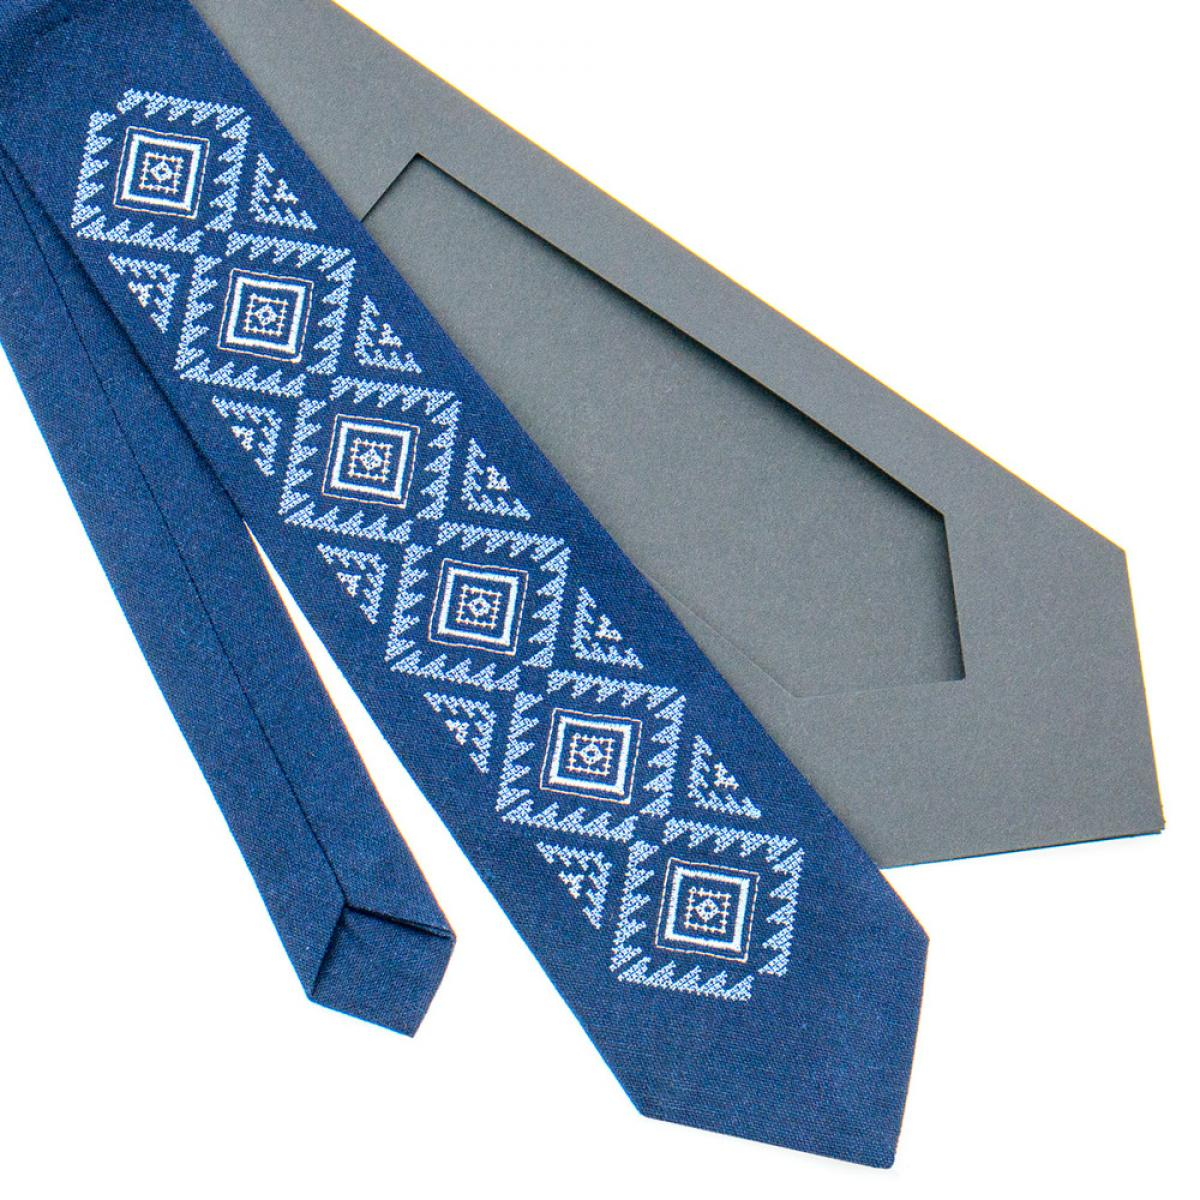 Классический вышитый галстук синий изготовлен из натурального льна. Фото №3. | Народный дом Украина